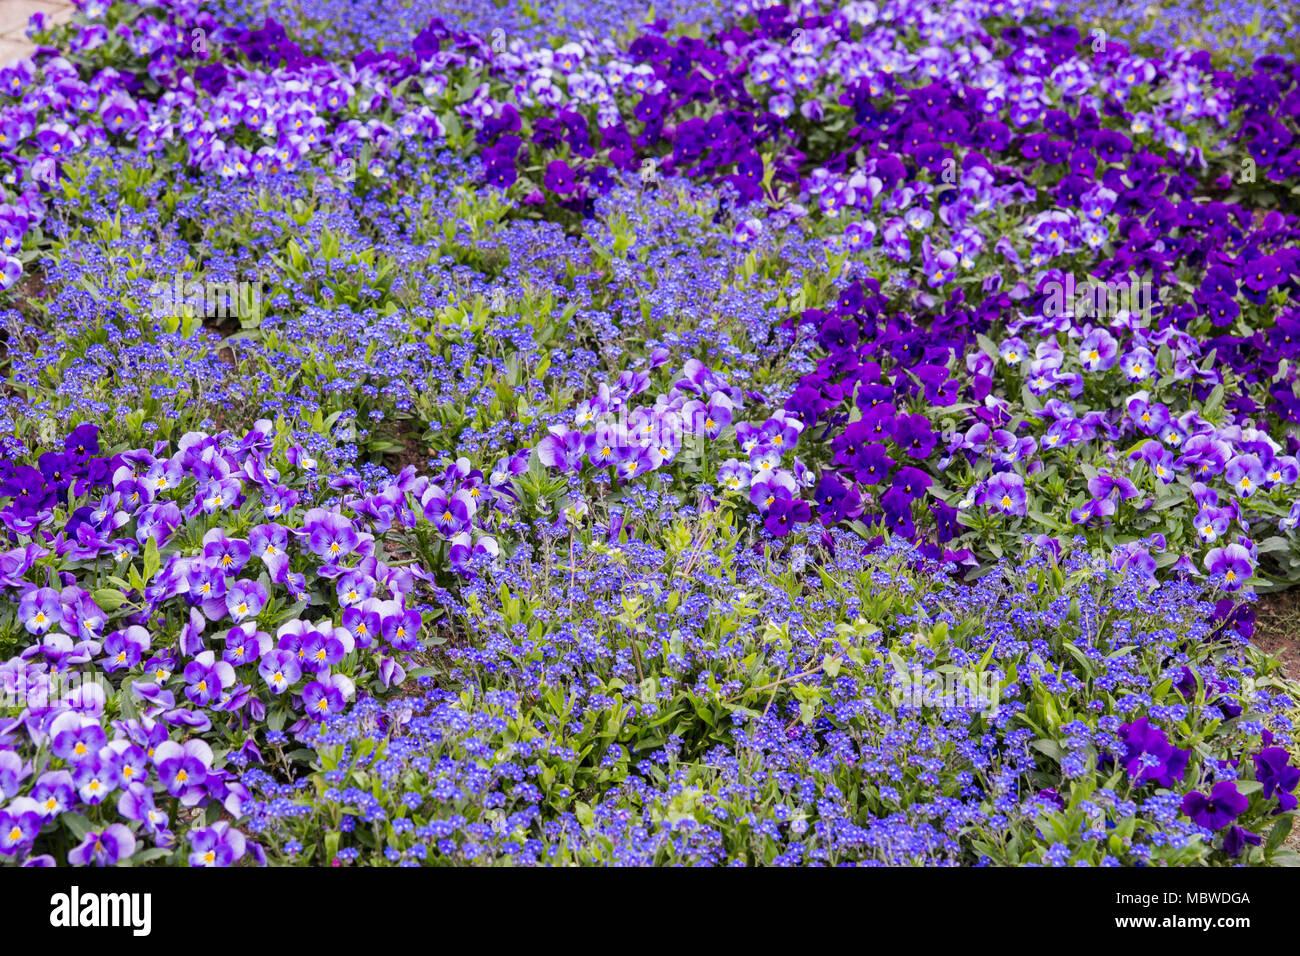 Many Violet viola summer flower in a park - Stock Image